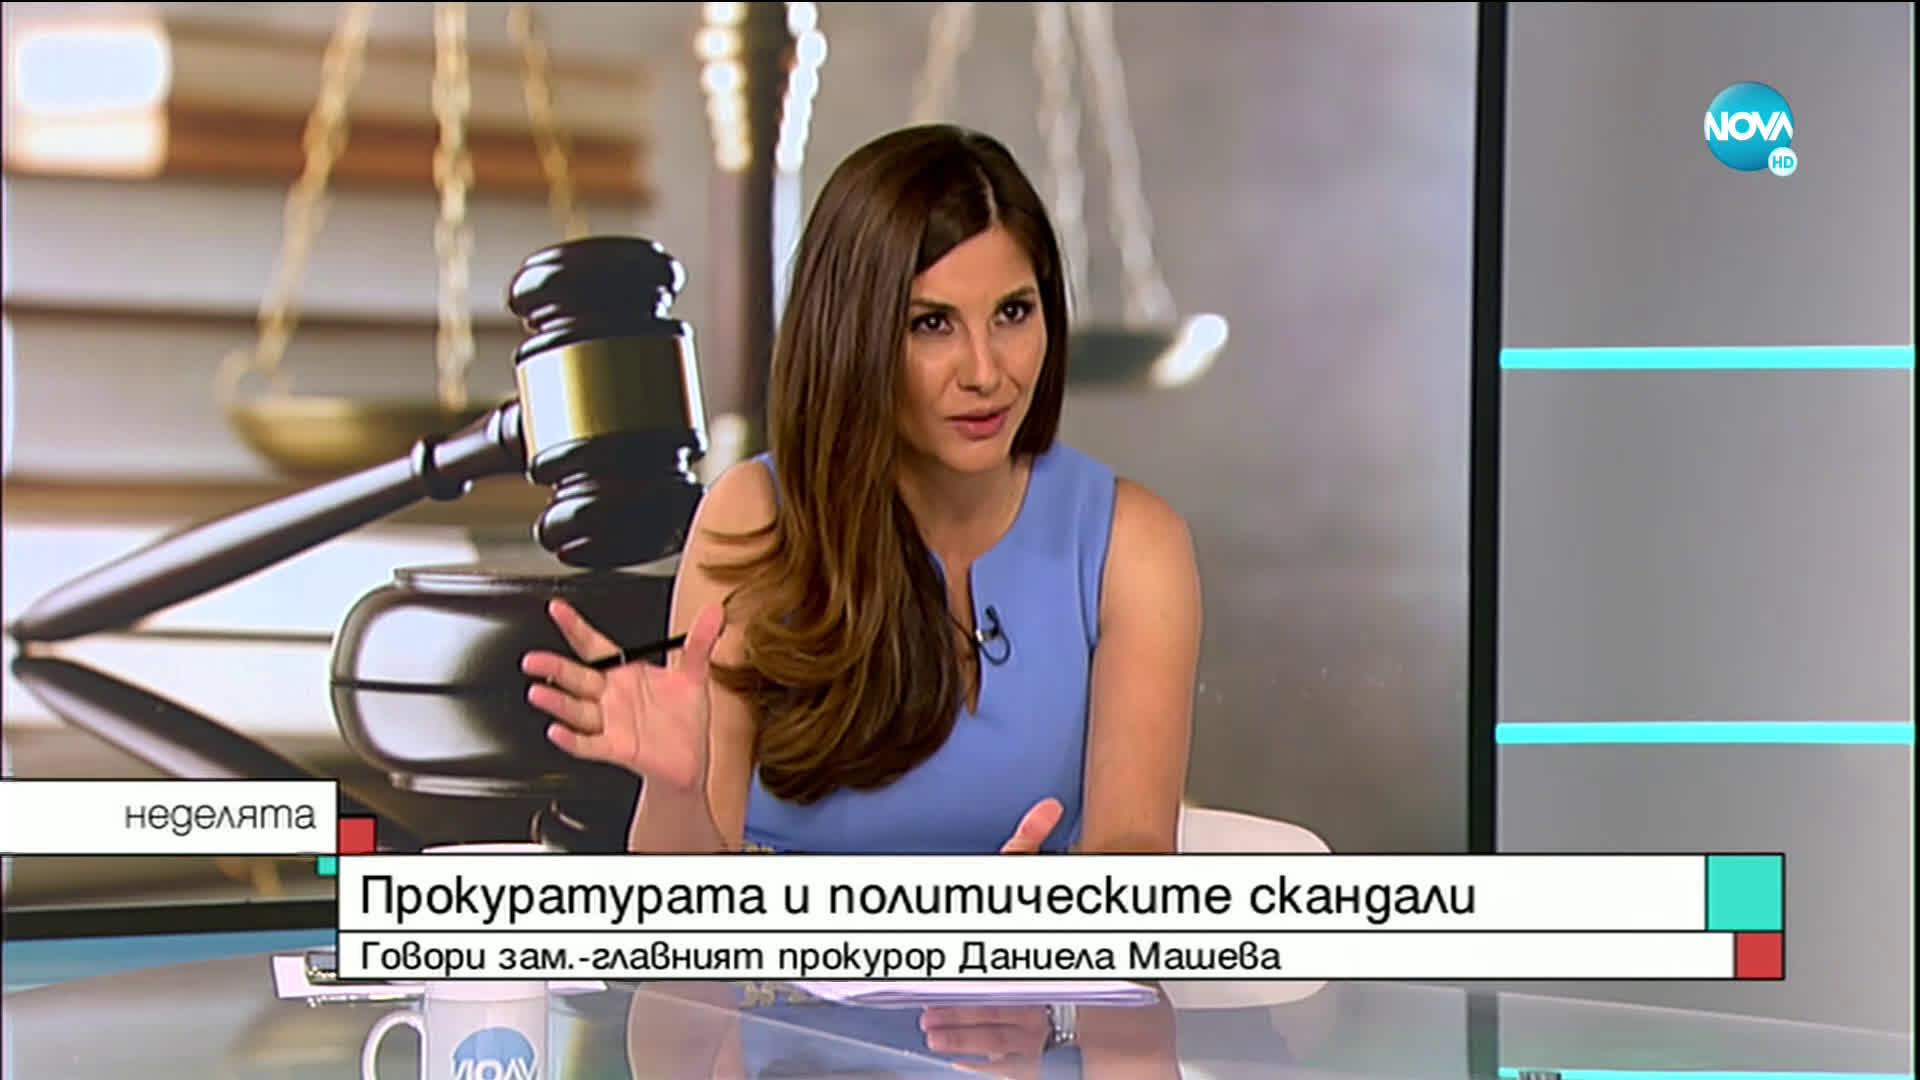 Зам.-главният прокурор: Фокусът върху прокуратурата е продиктуван от големи икономически интереси